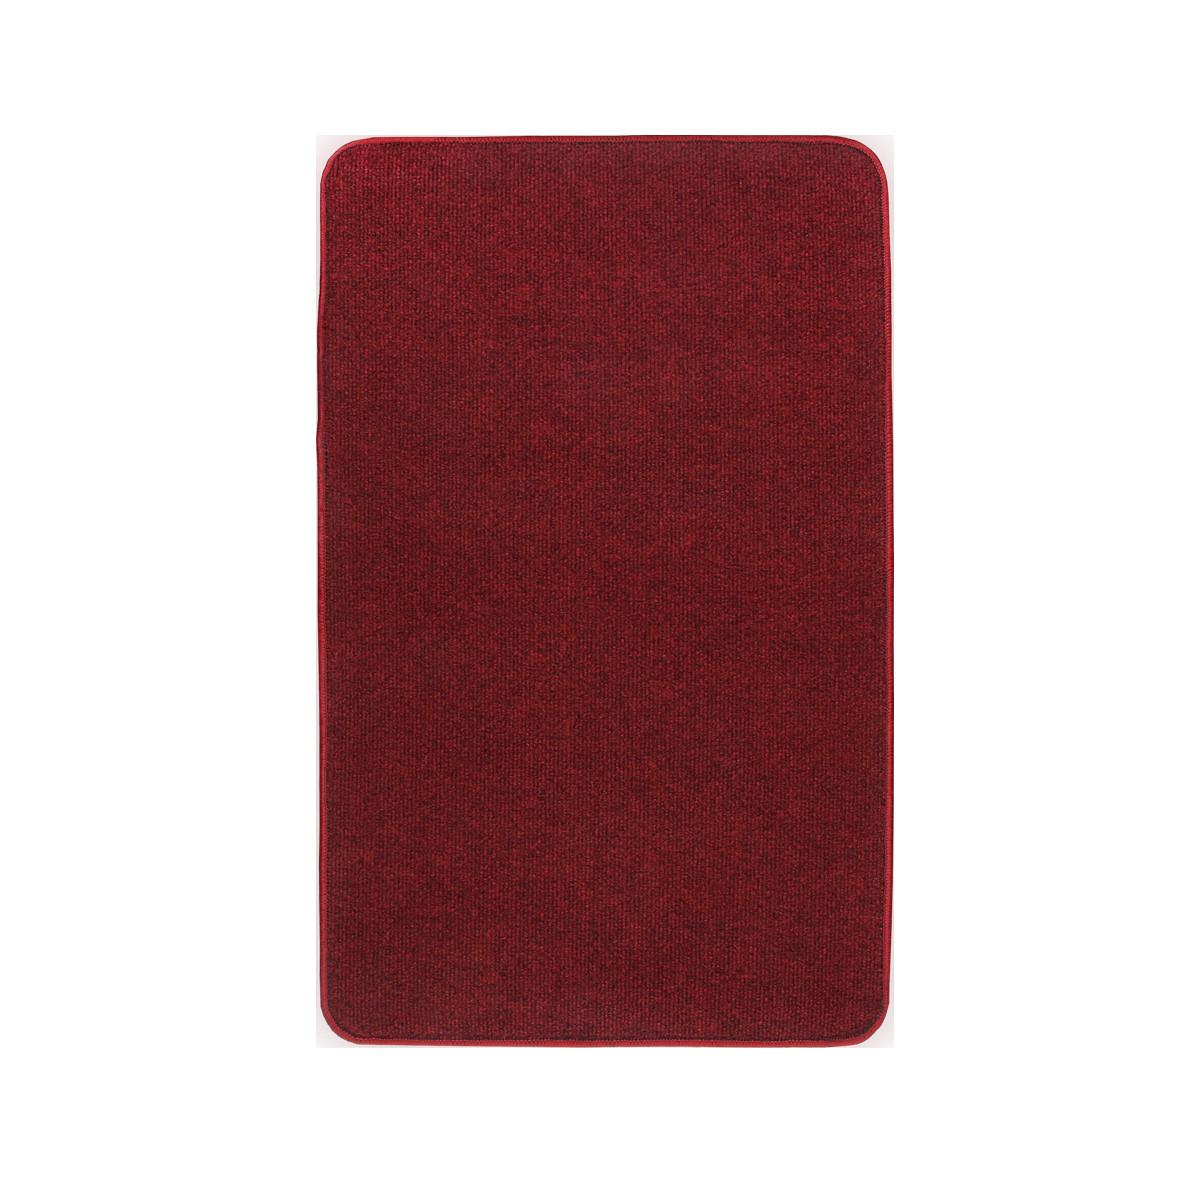 Электрический коврик с подогревом Теплик с термоизоляцией 50 х 80 см Темно-красный